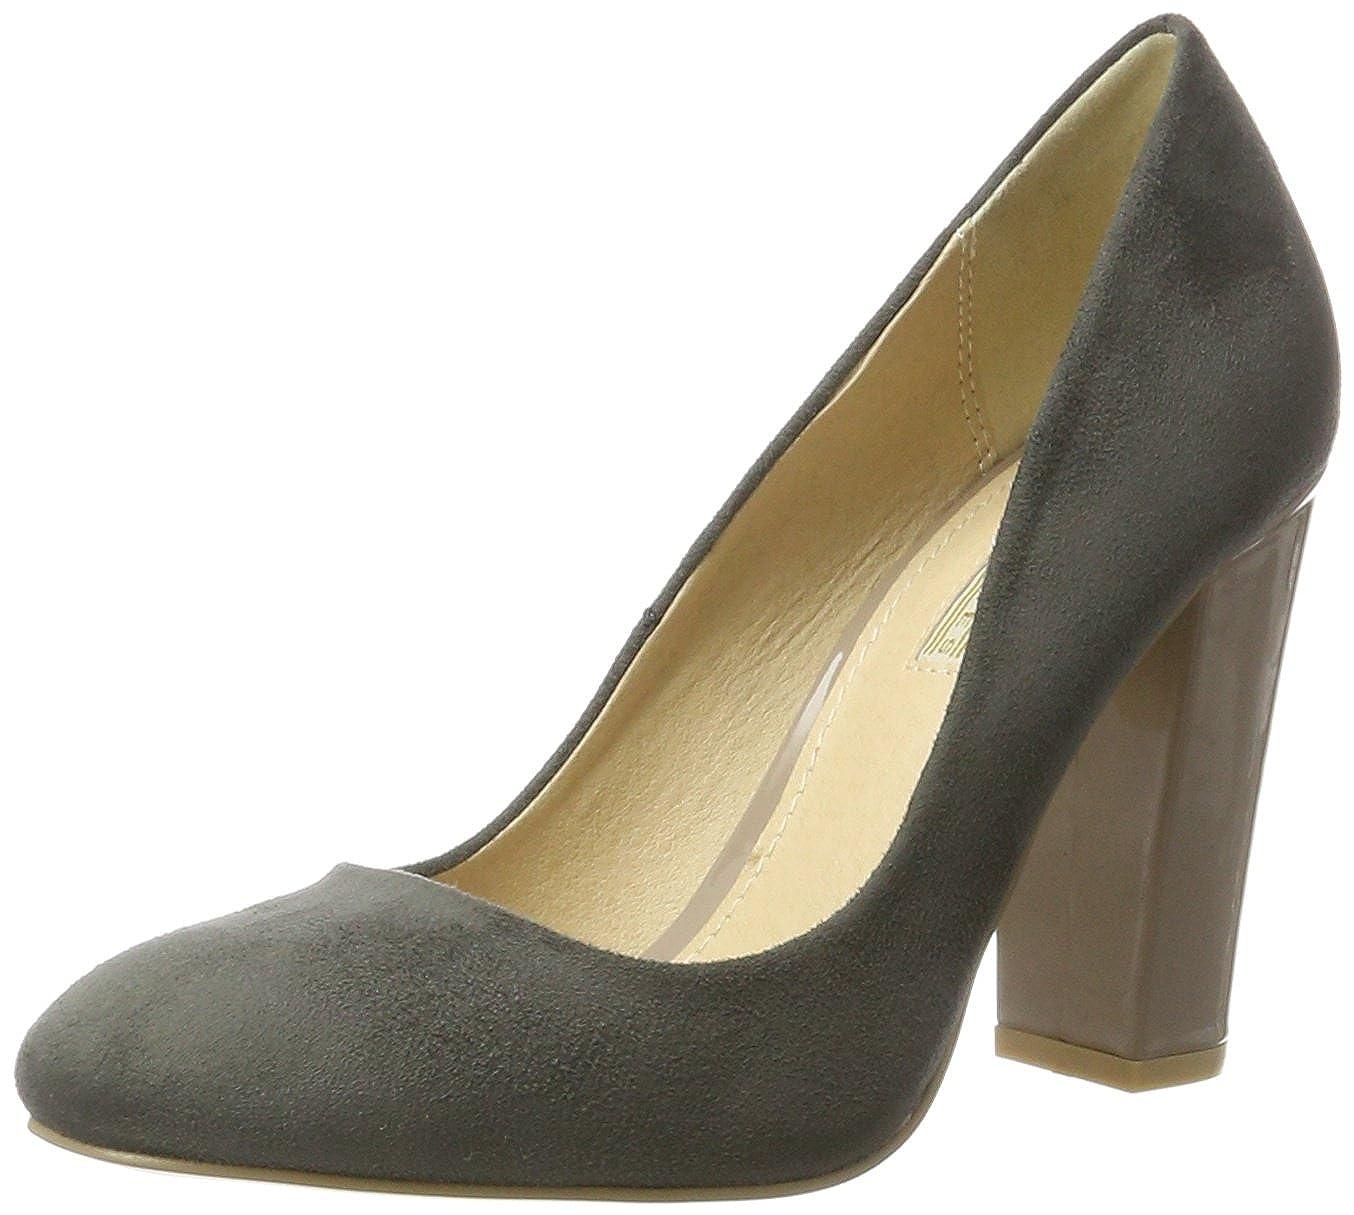 Buffalo Shoes C354a-1 P1804f IMI Suede, Atado Al Tobillo para Mujer